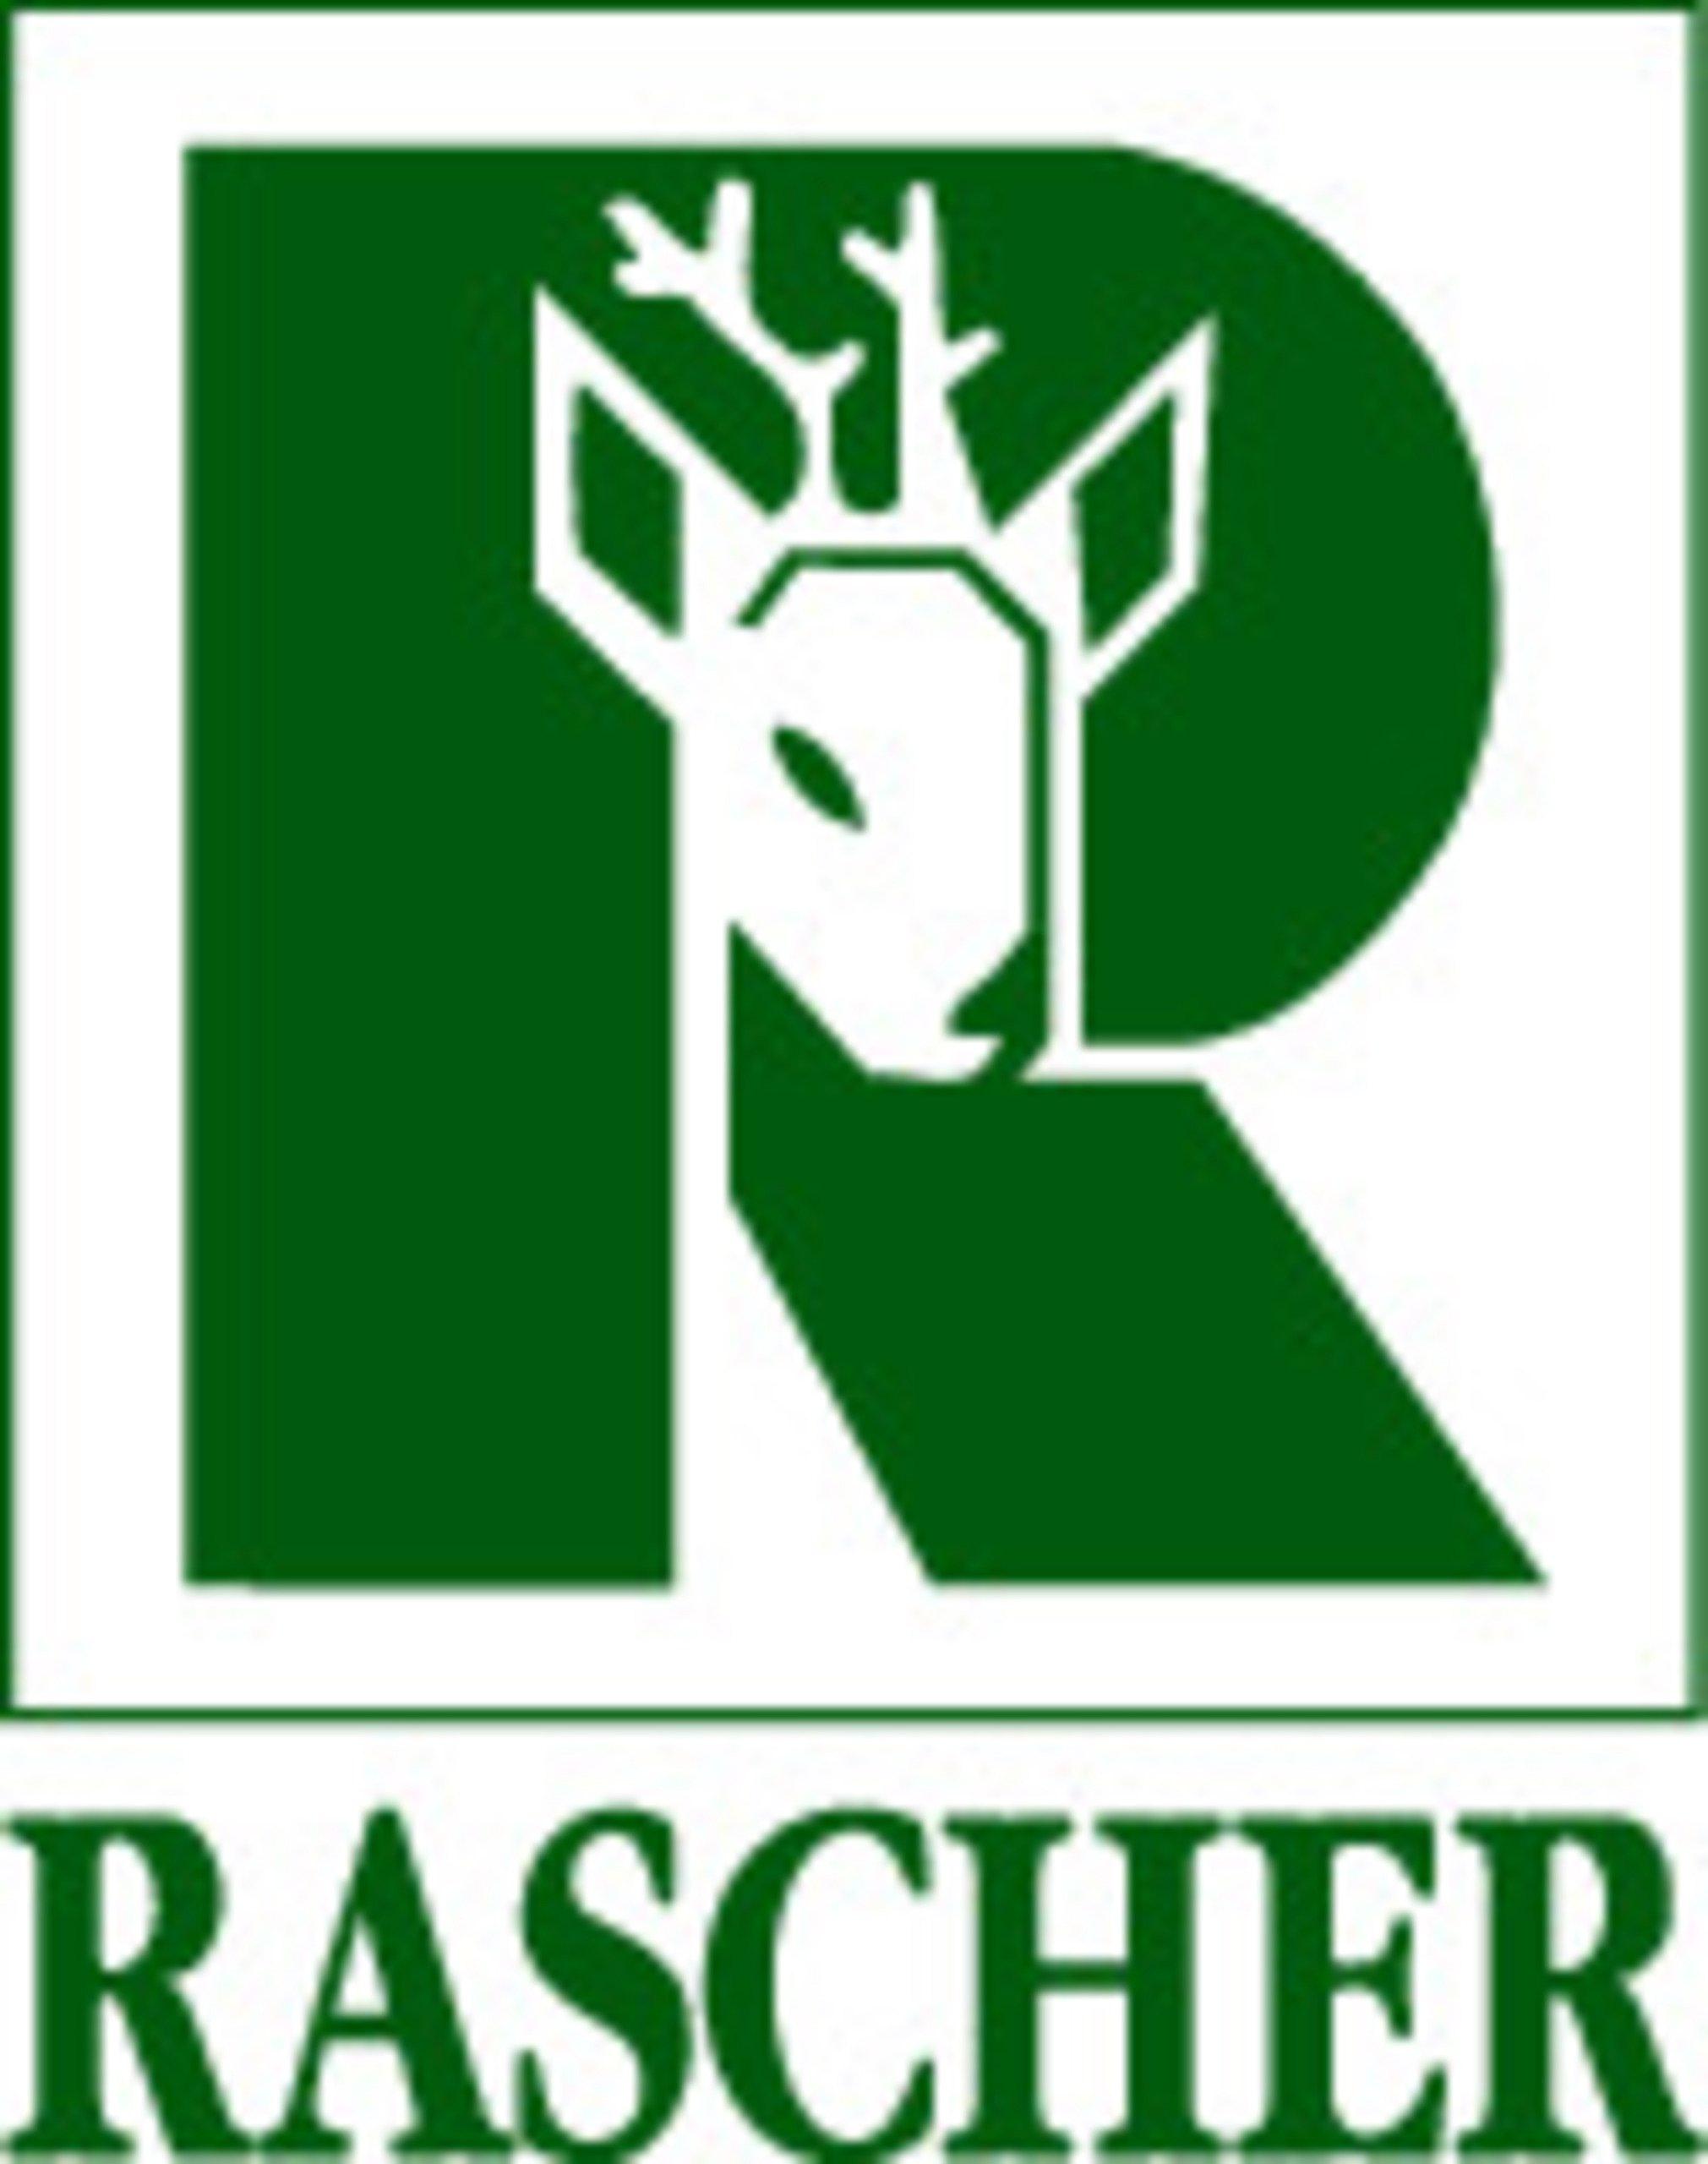 Rascher